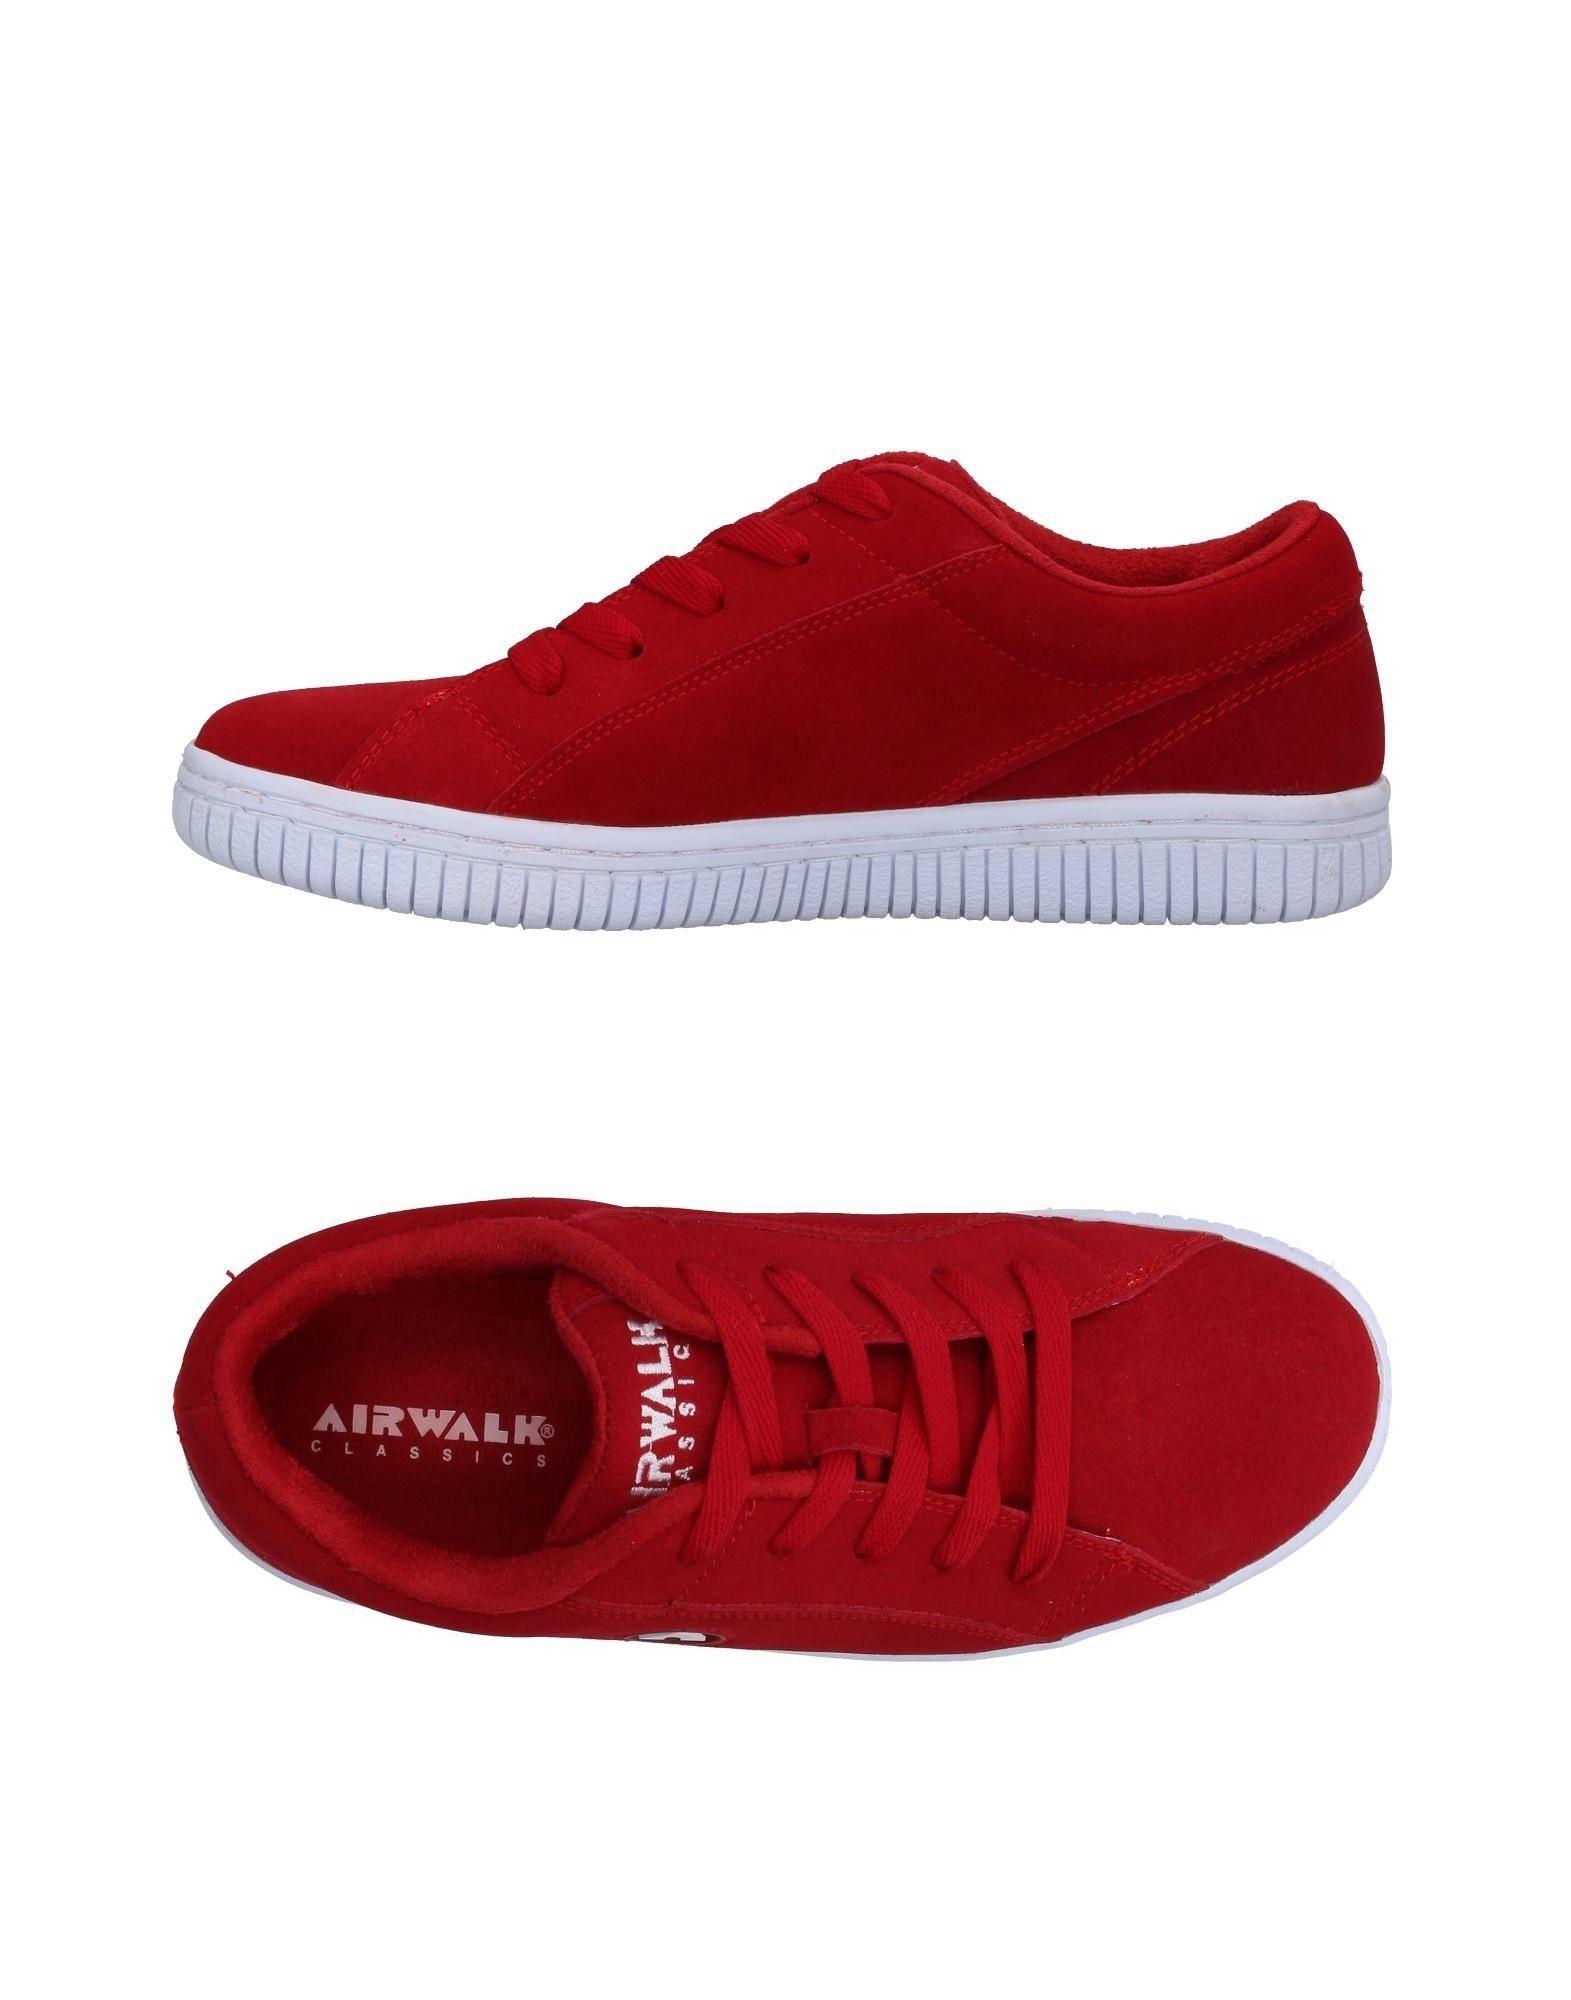 Rabatt echte Schuhe Airwalk Sneakers Sneakers Sneakers Herren  11367199IJ 3ac39a